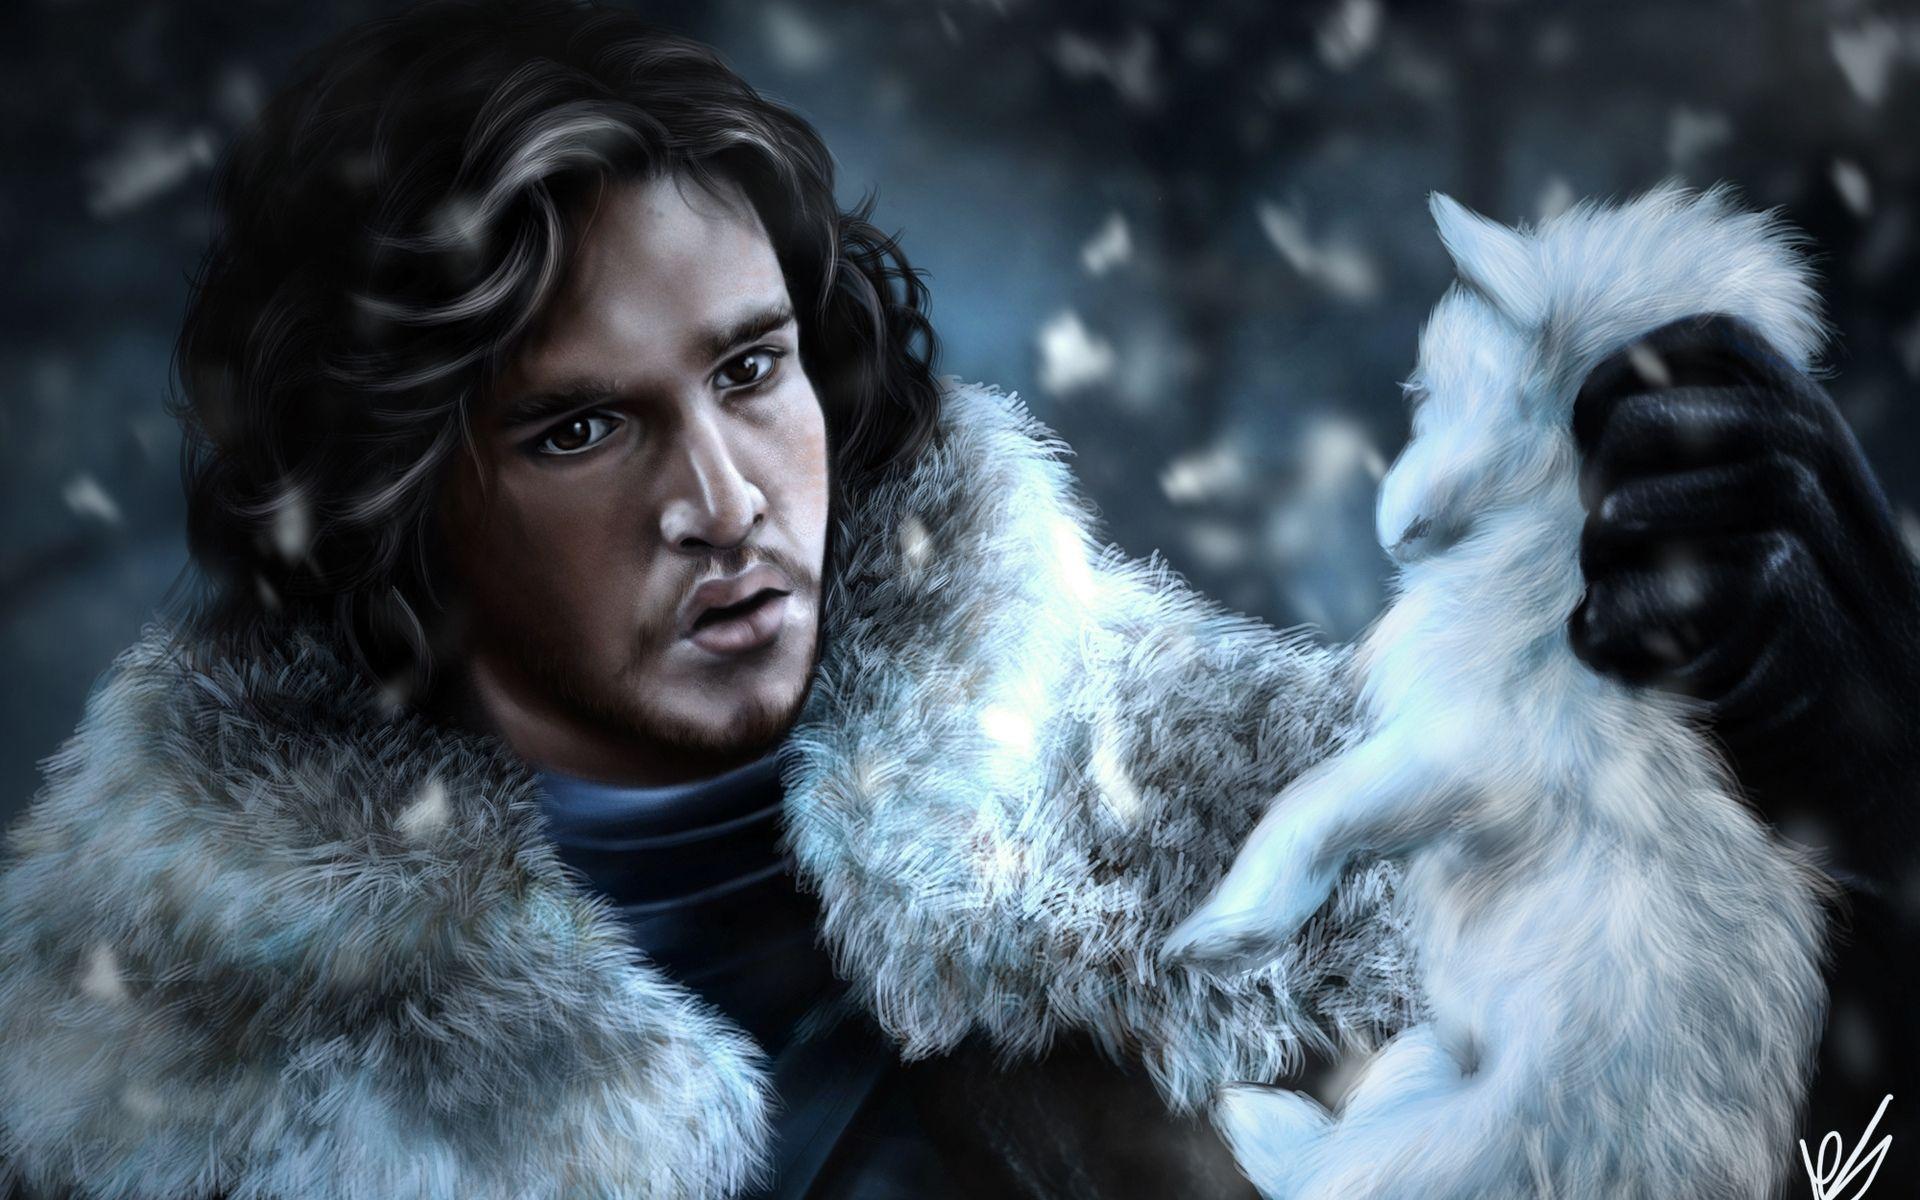 Jon Snow and puppy art